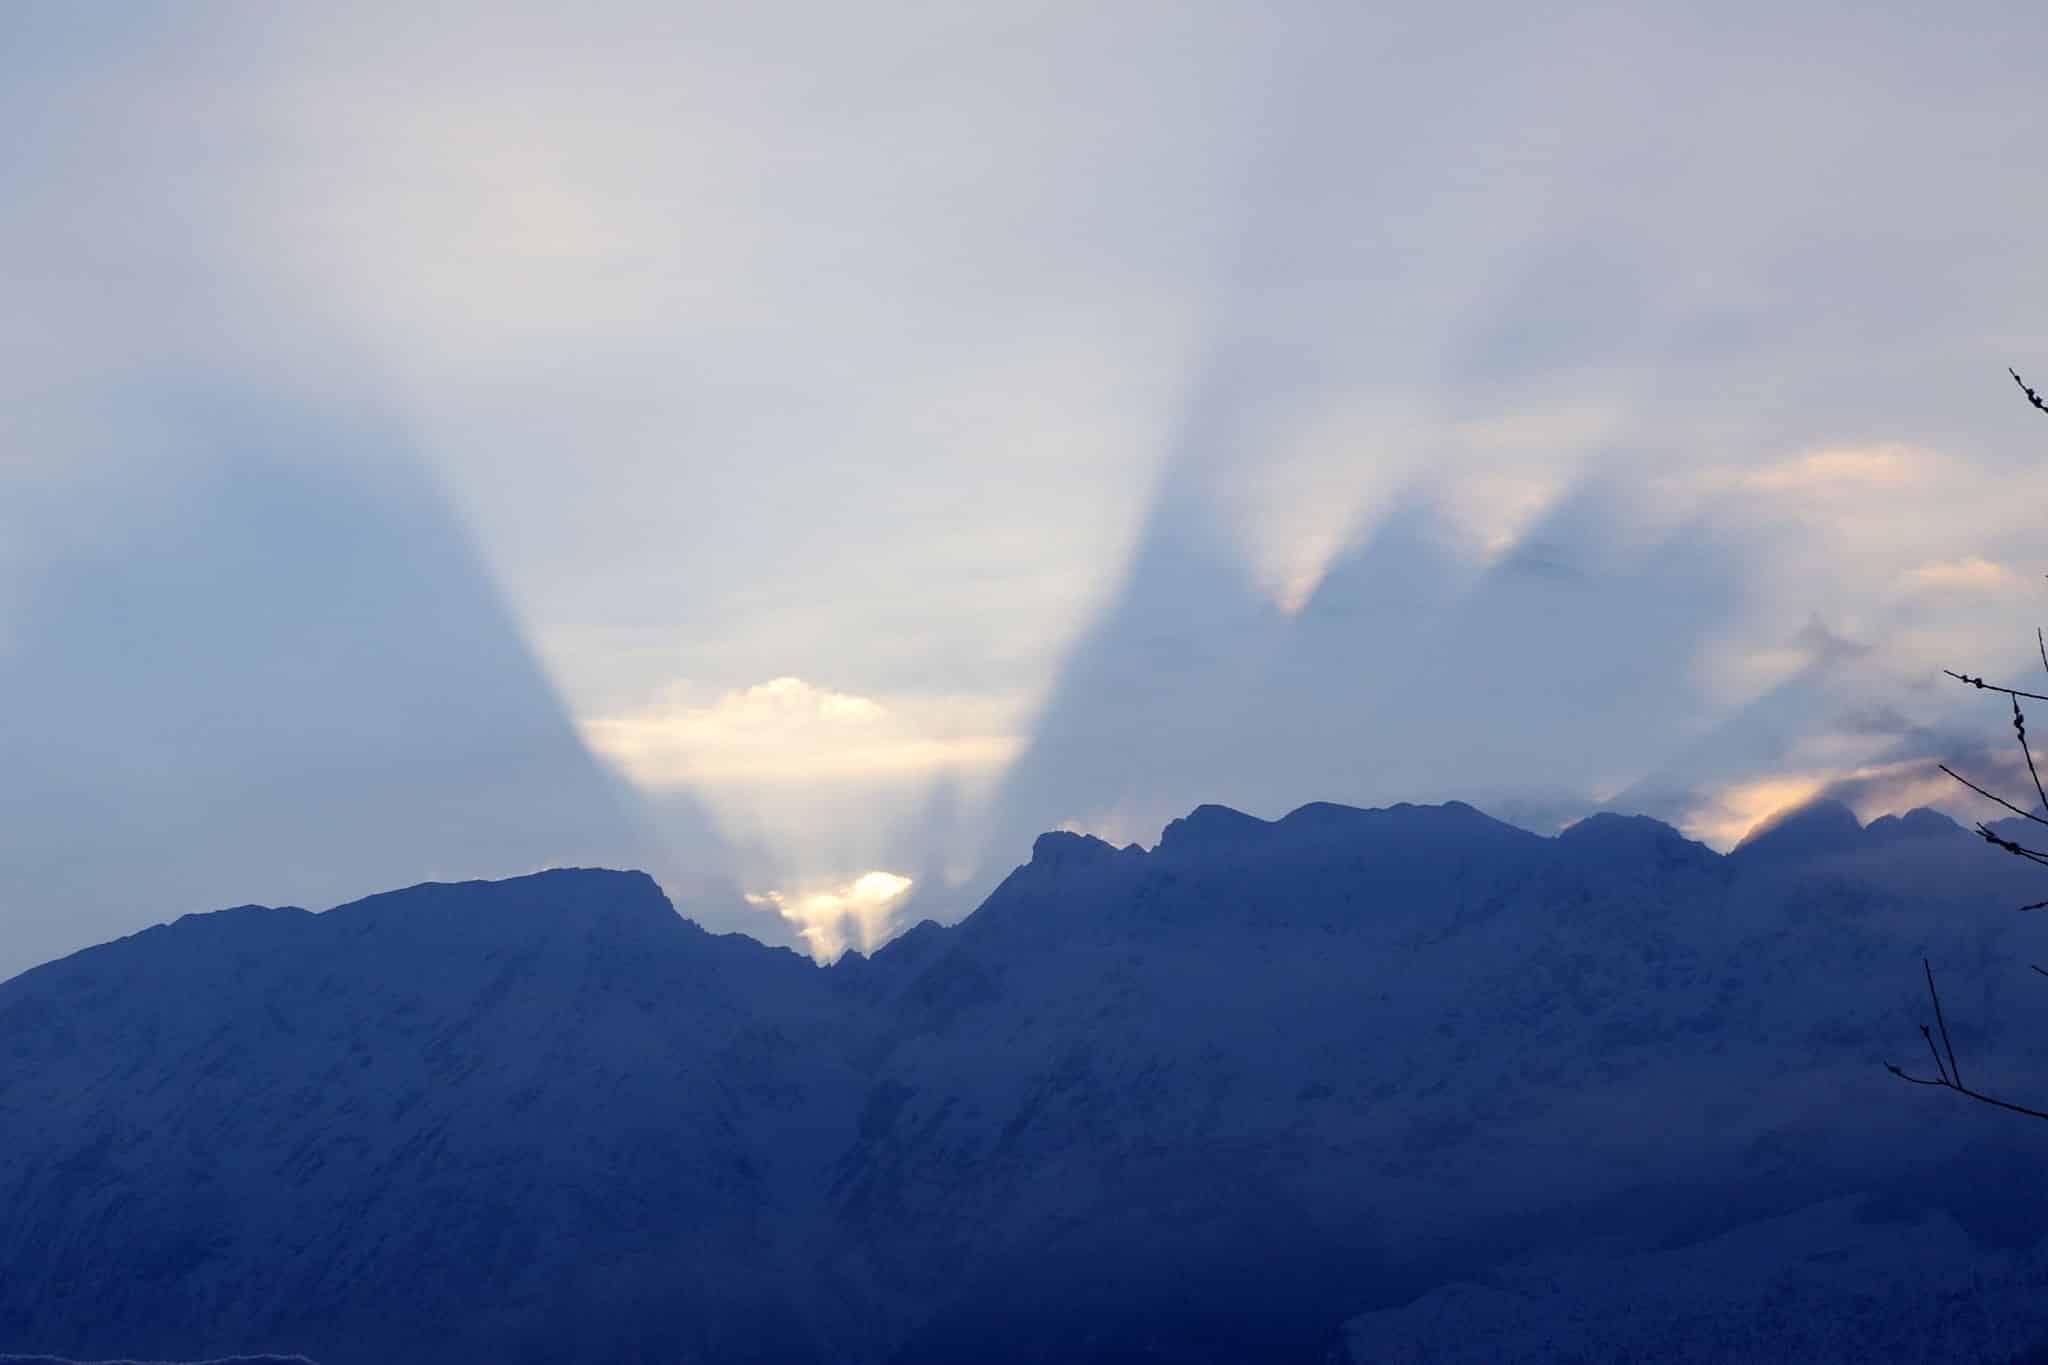 Dem Grimming wachsen manchmal Engels-Flügel - Blick von Sonnenalm, Bad Mitterndorf